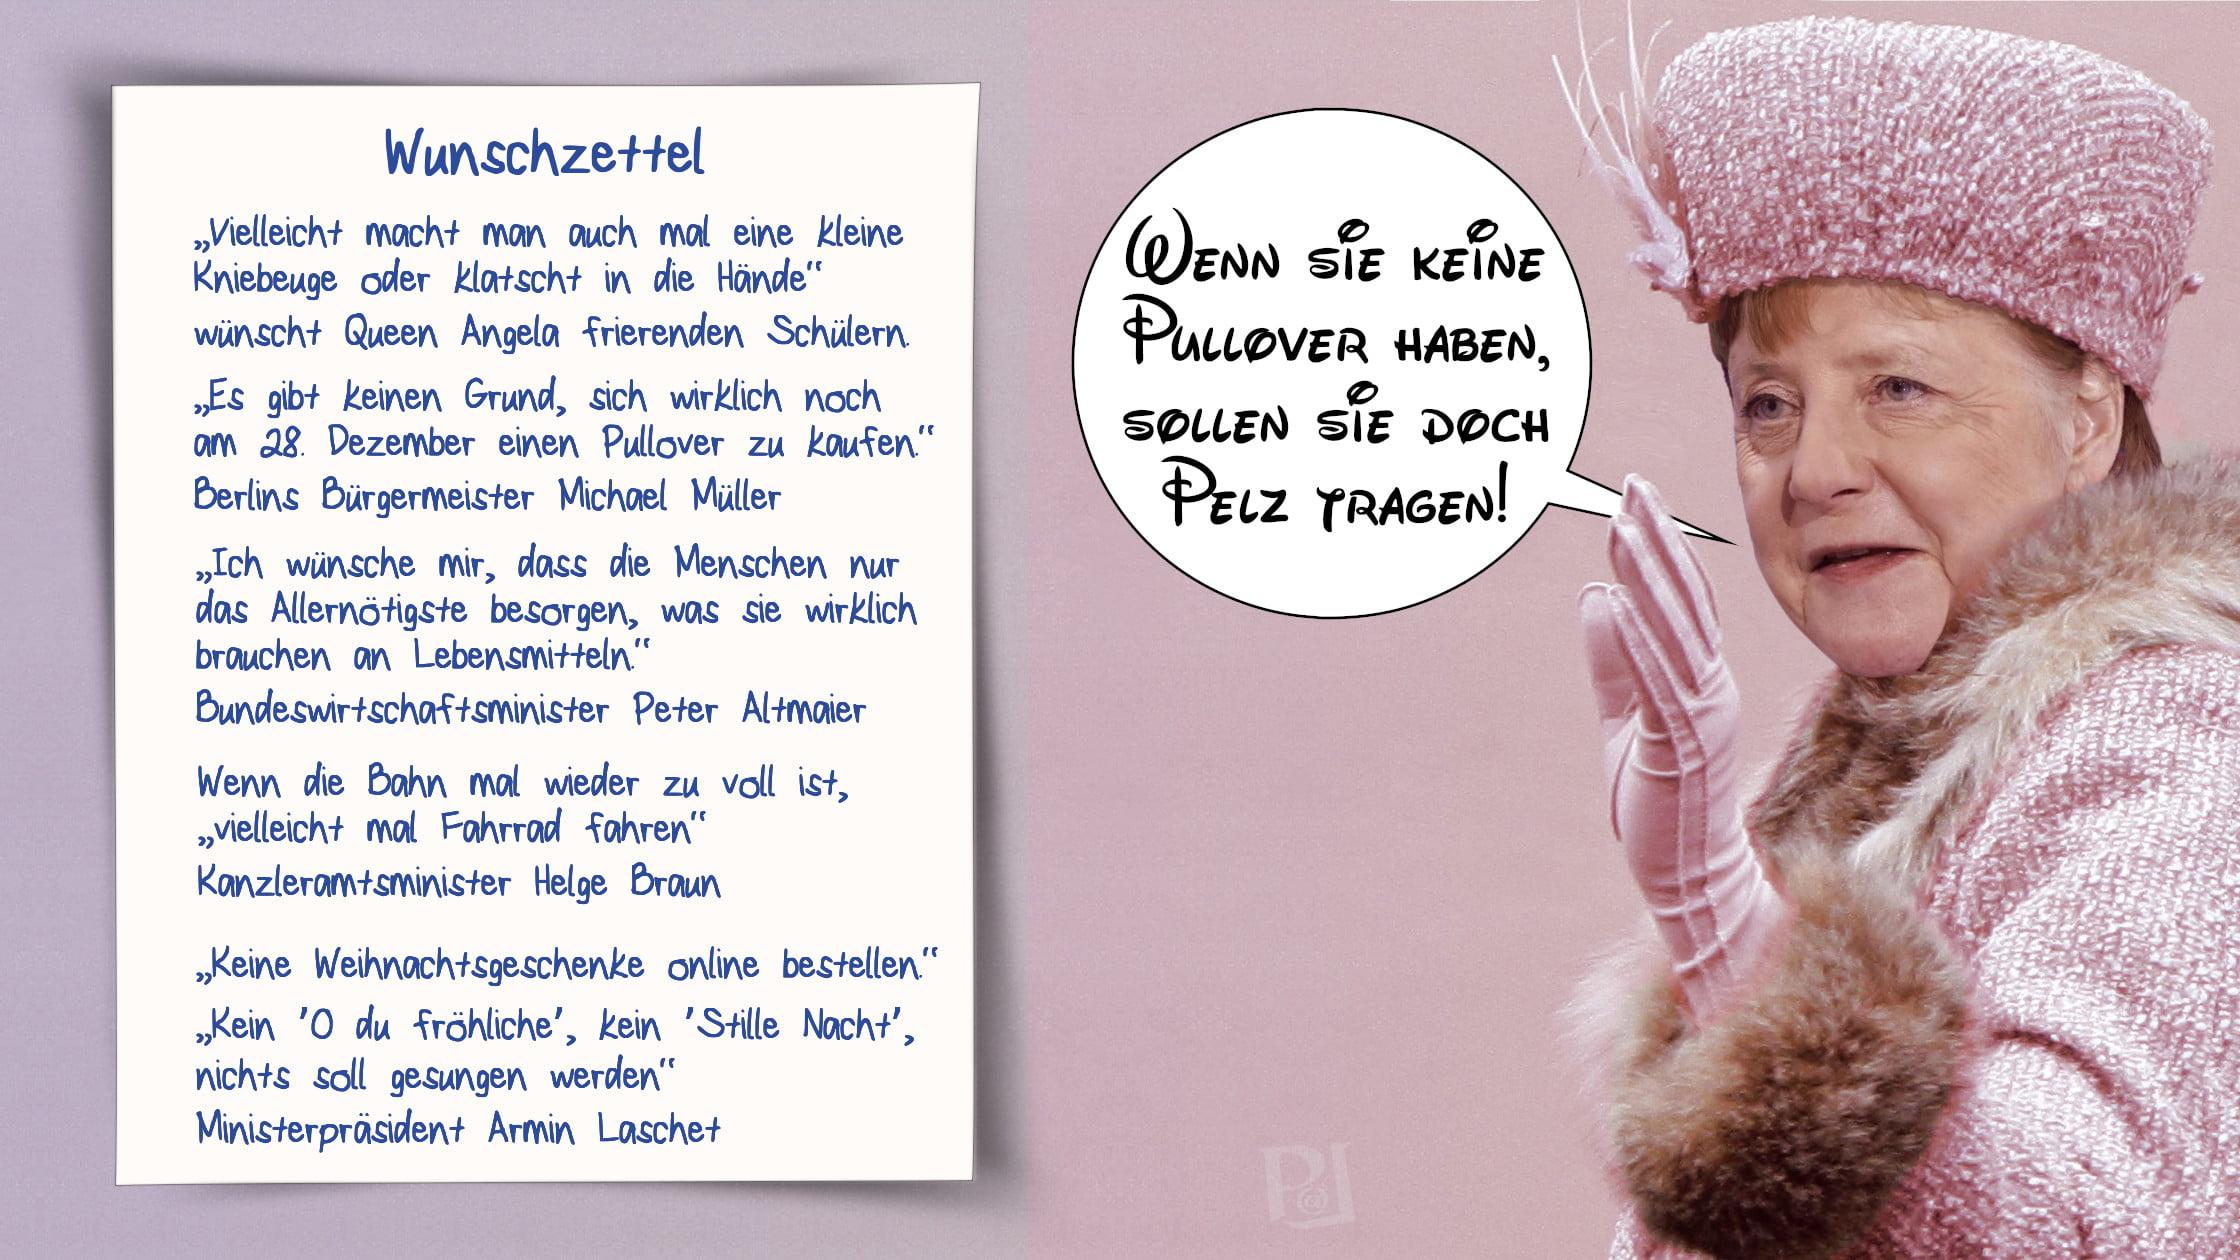 Angela Merkel als dekadente Königin macht peinliche Zitate